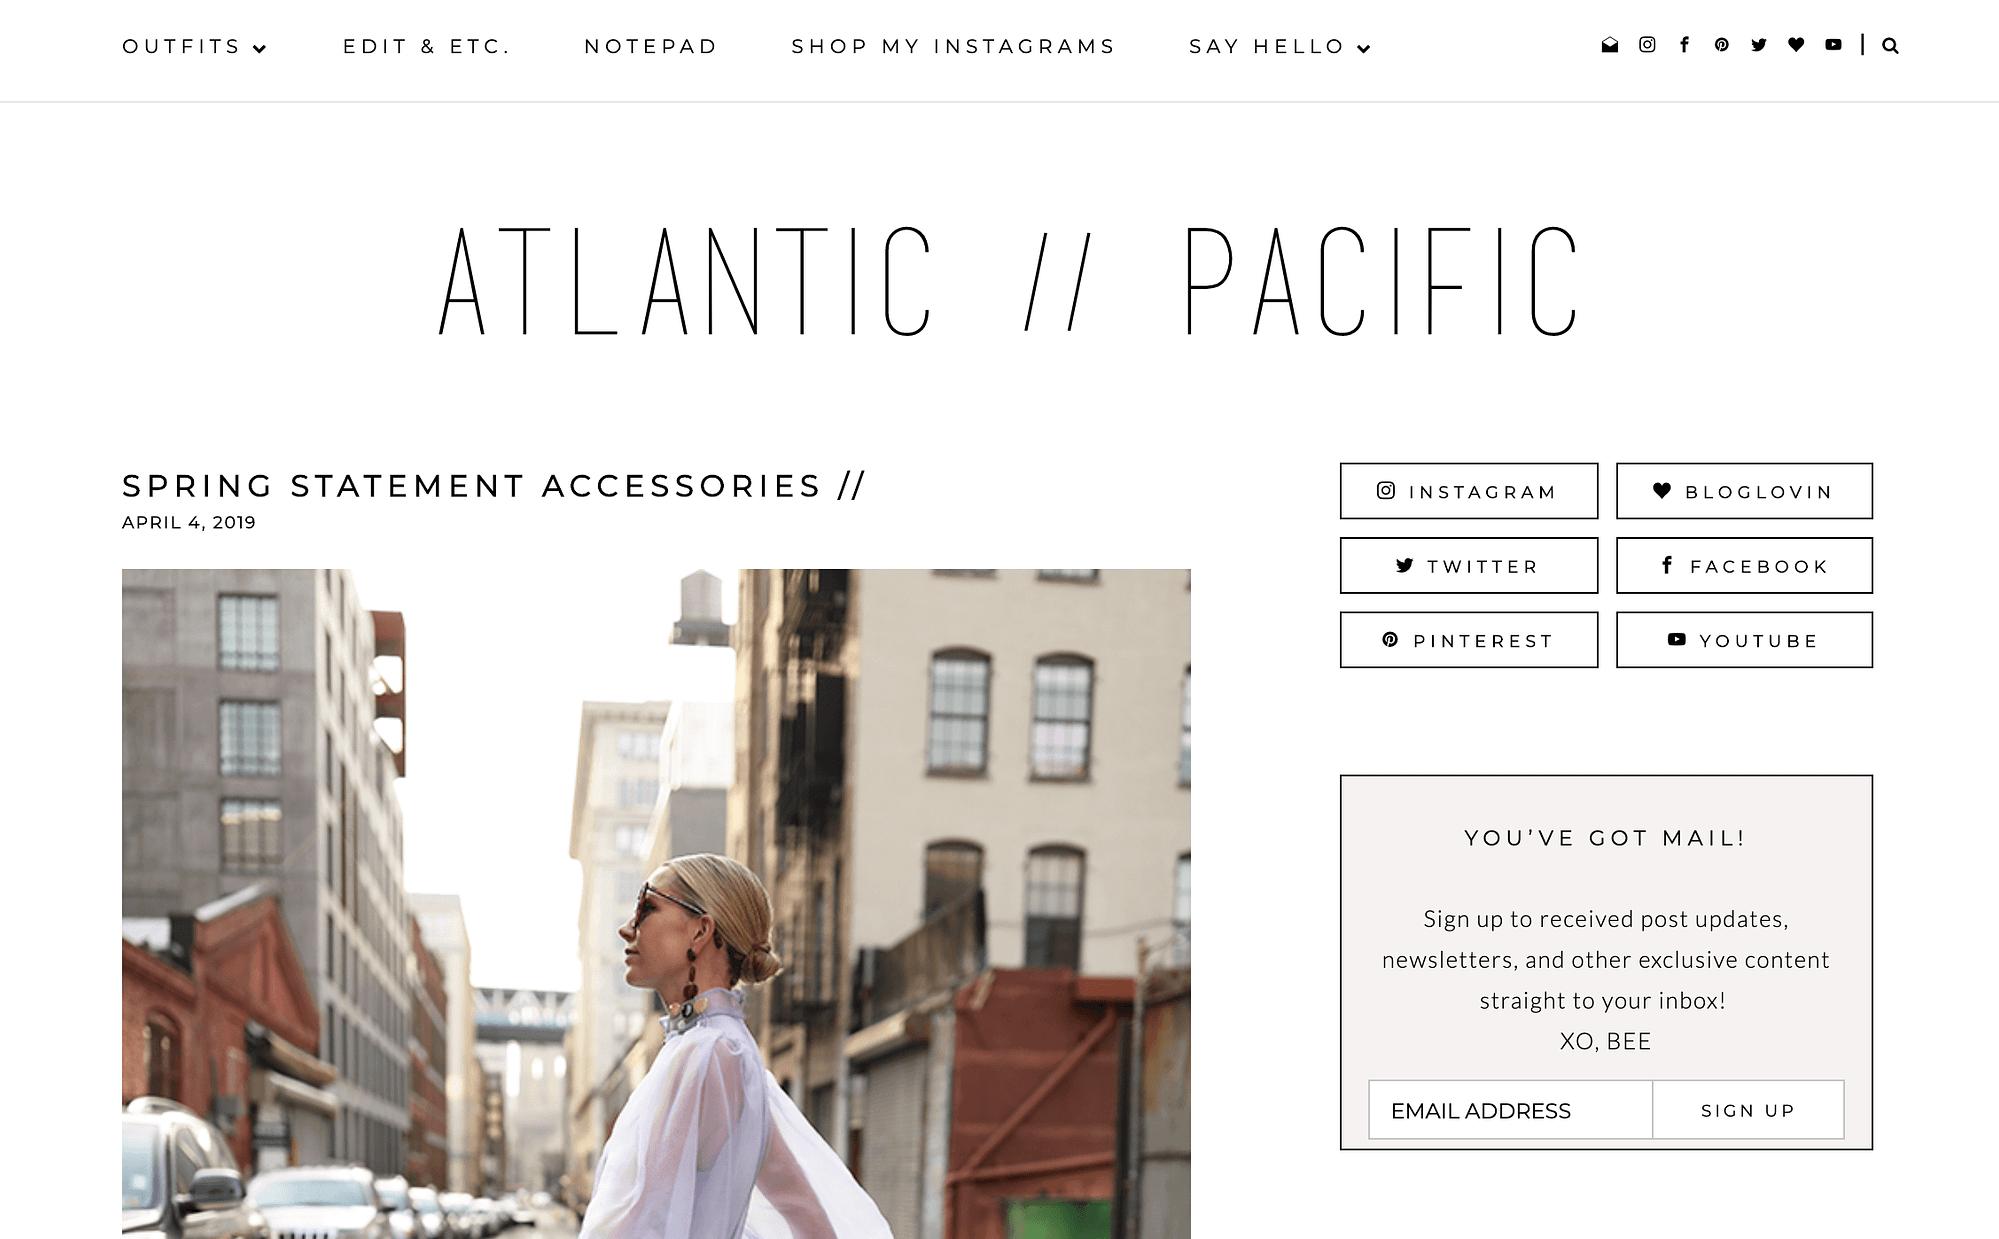 El blog de moda de Atlantic Pacific.